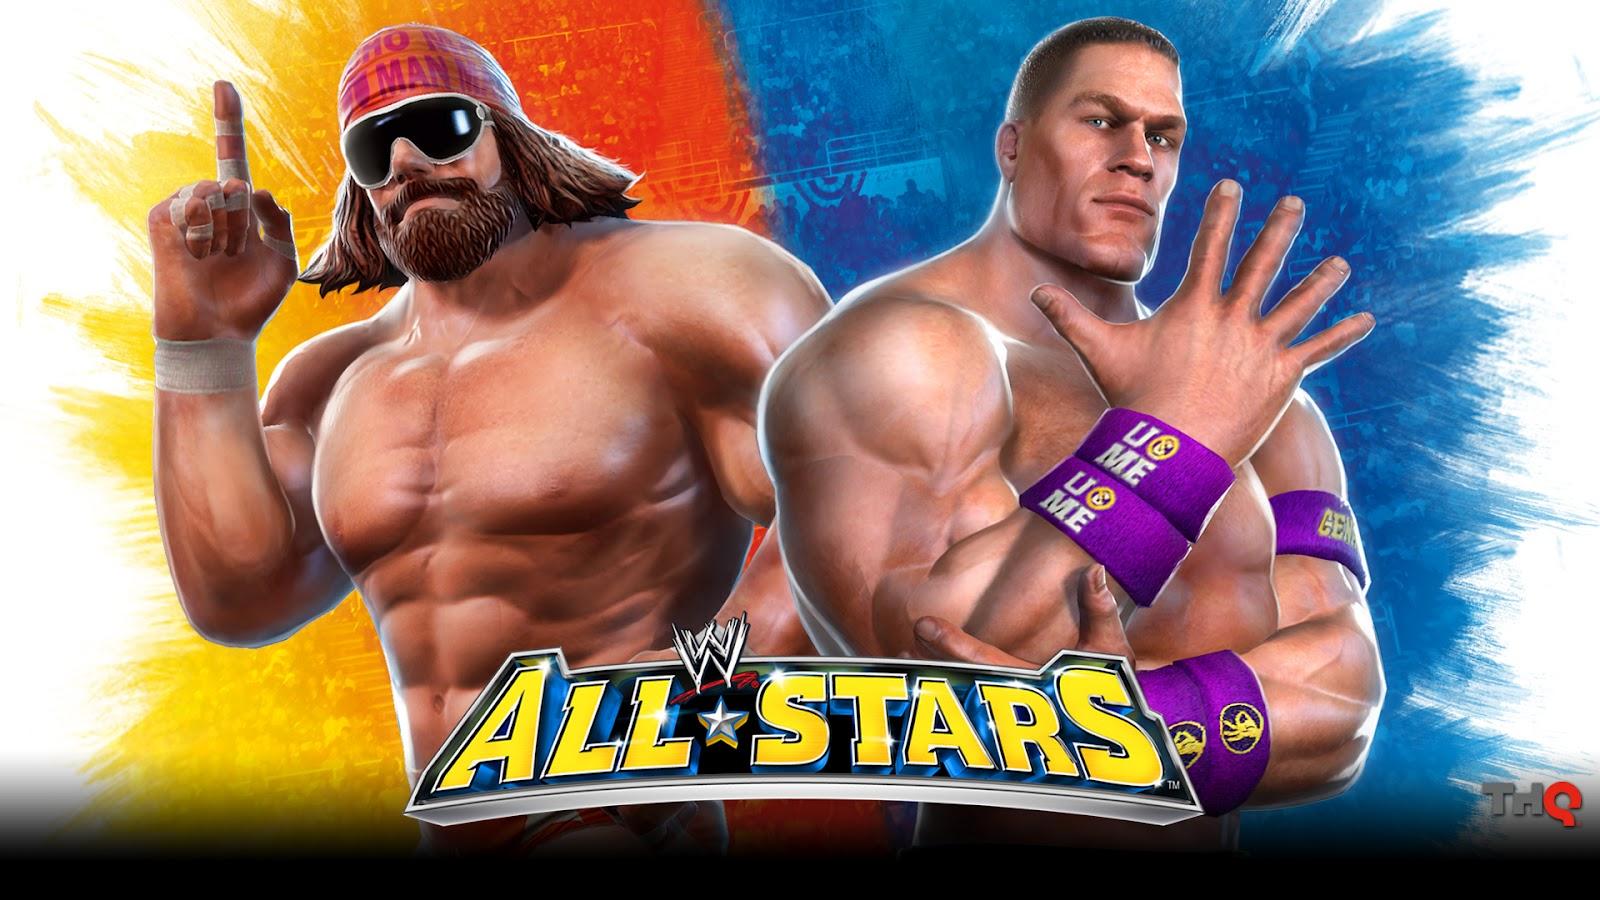 http://3.bp.blogspot.com/-4f3VjOlfzBs/UAhbKvZWs4I/AAAAAAAADi4/h19QtWhgdYI/s1600/WWE_All_Stars_Wallpaper.1.jpg